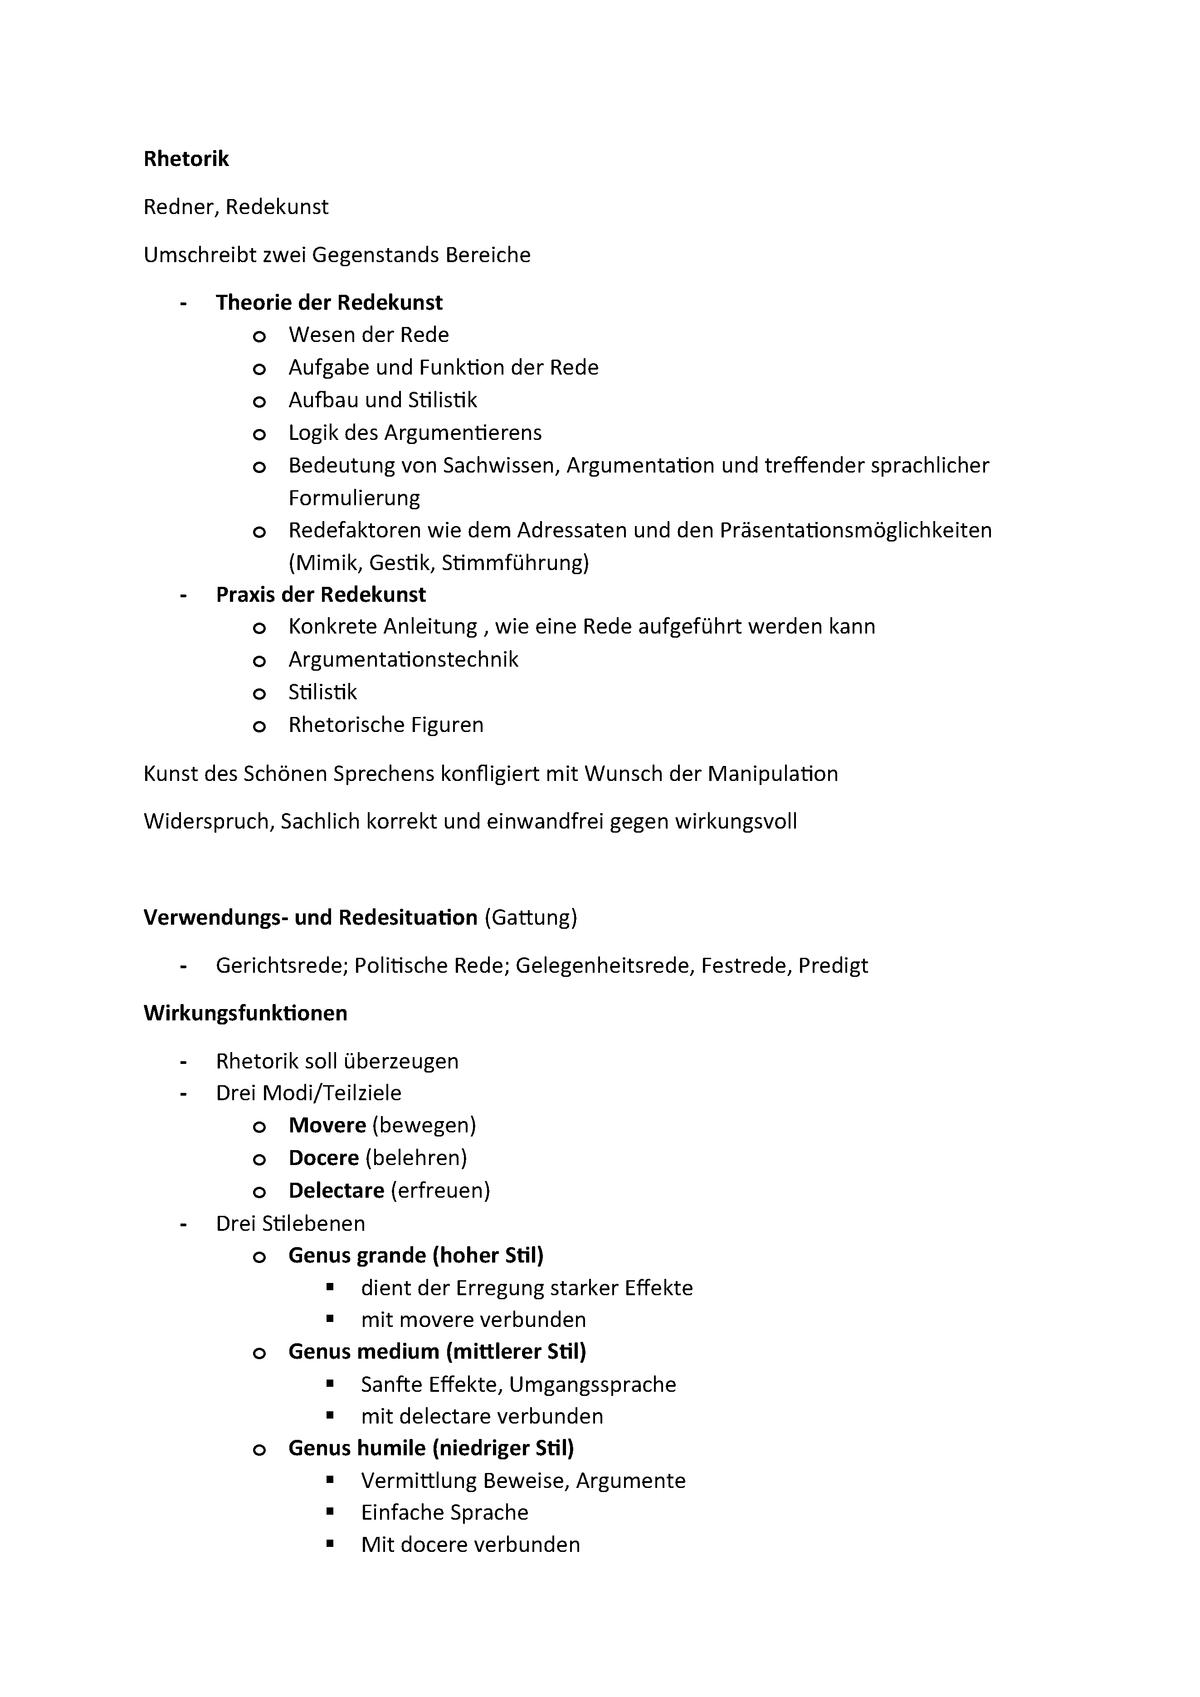 Aufbau einer rede